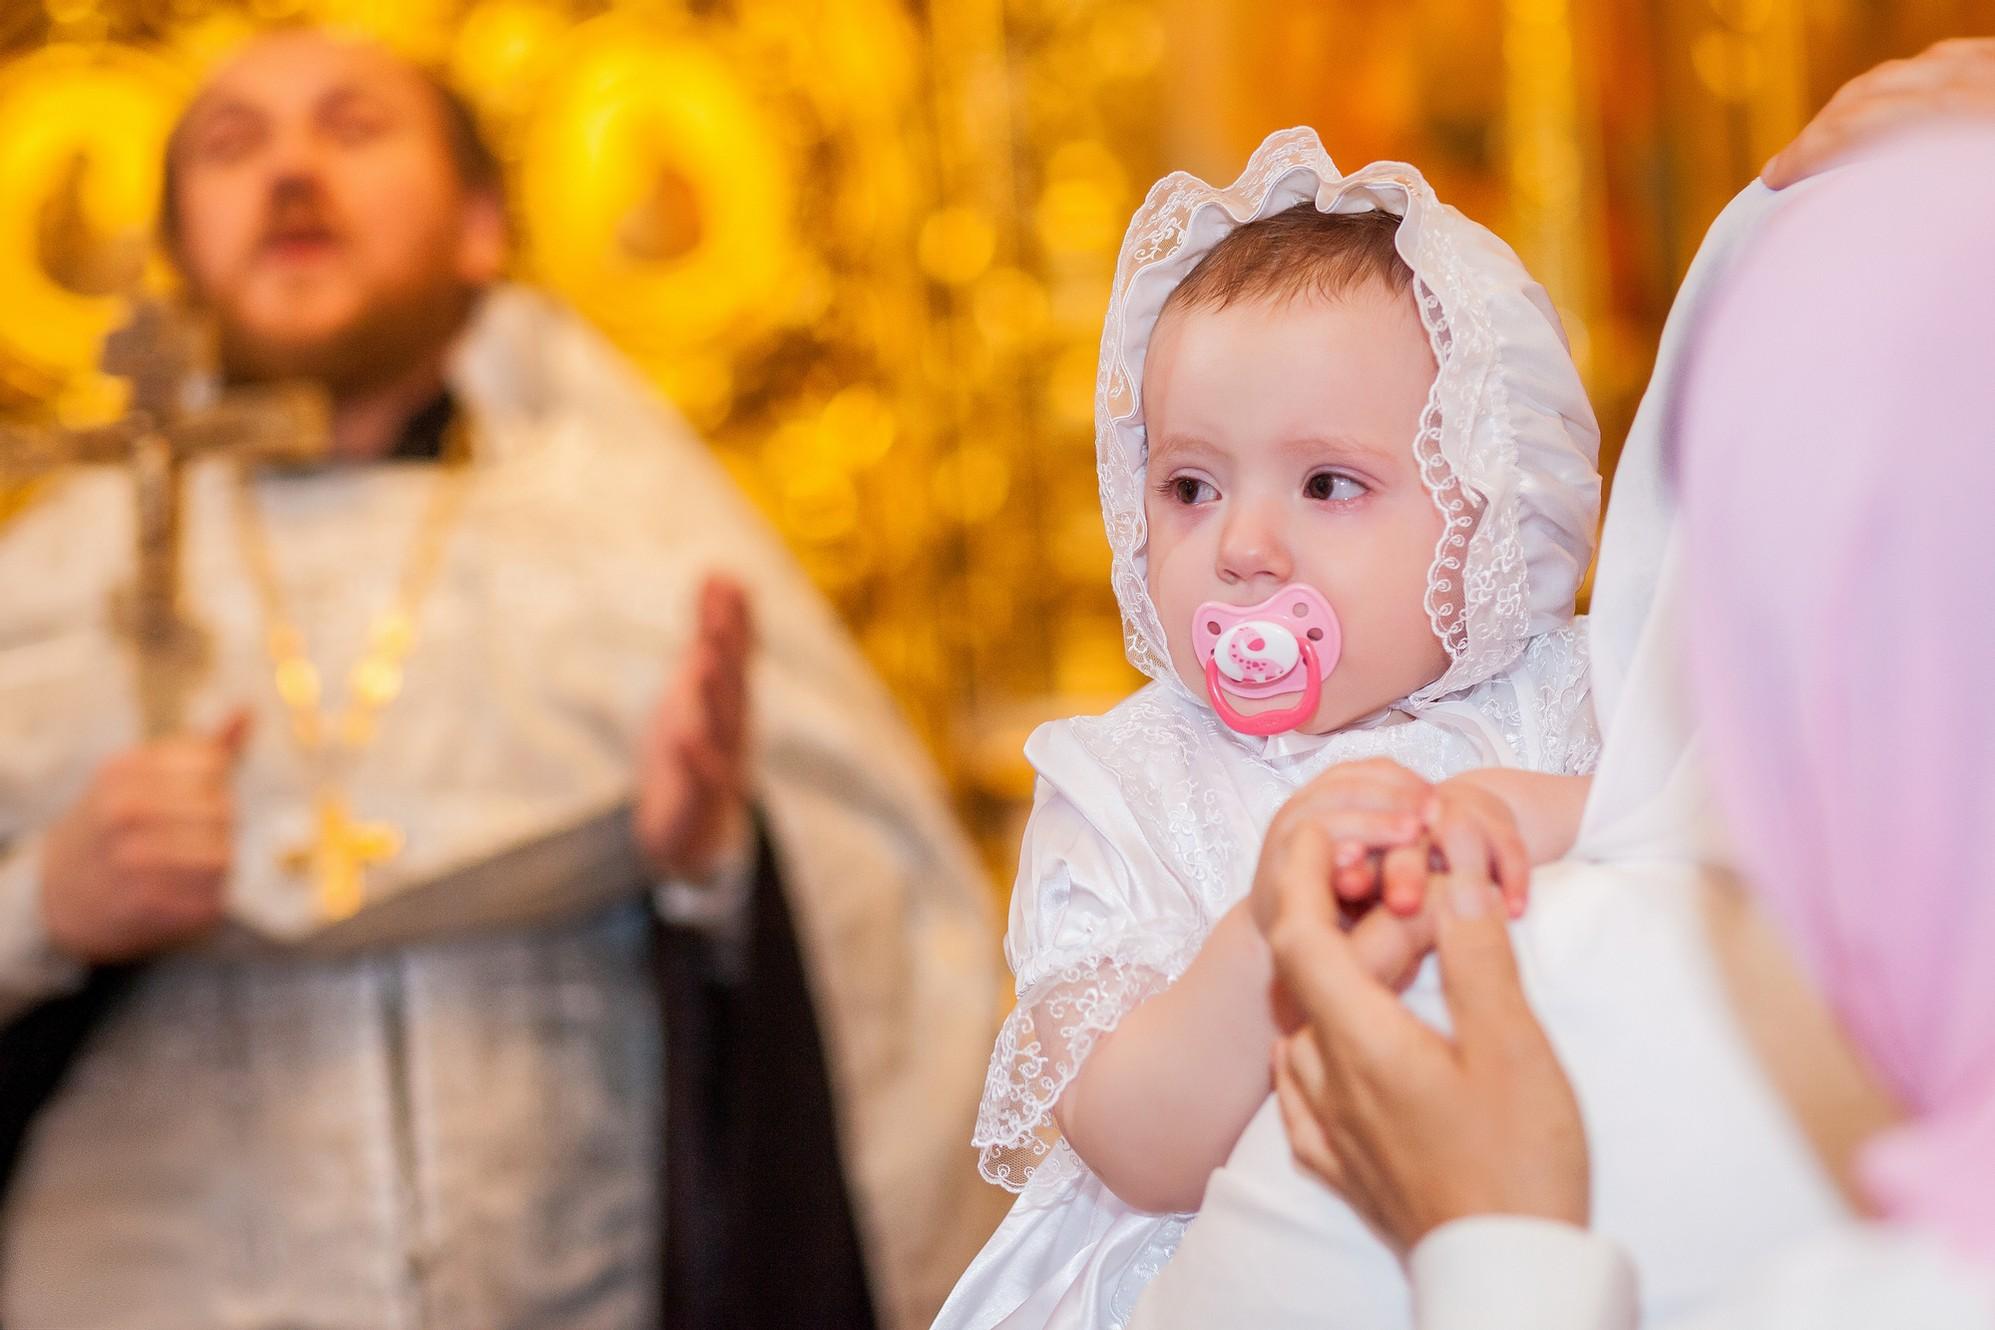 Кем приходится крестный отец отцу ребенка: названия, родственные связи, распространенные заблуждения